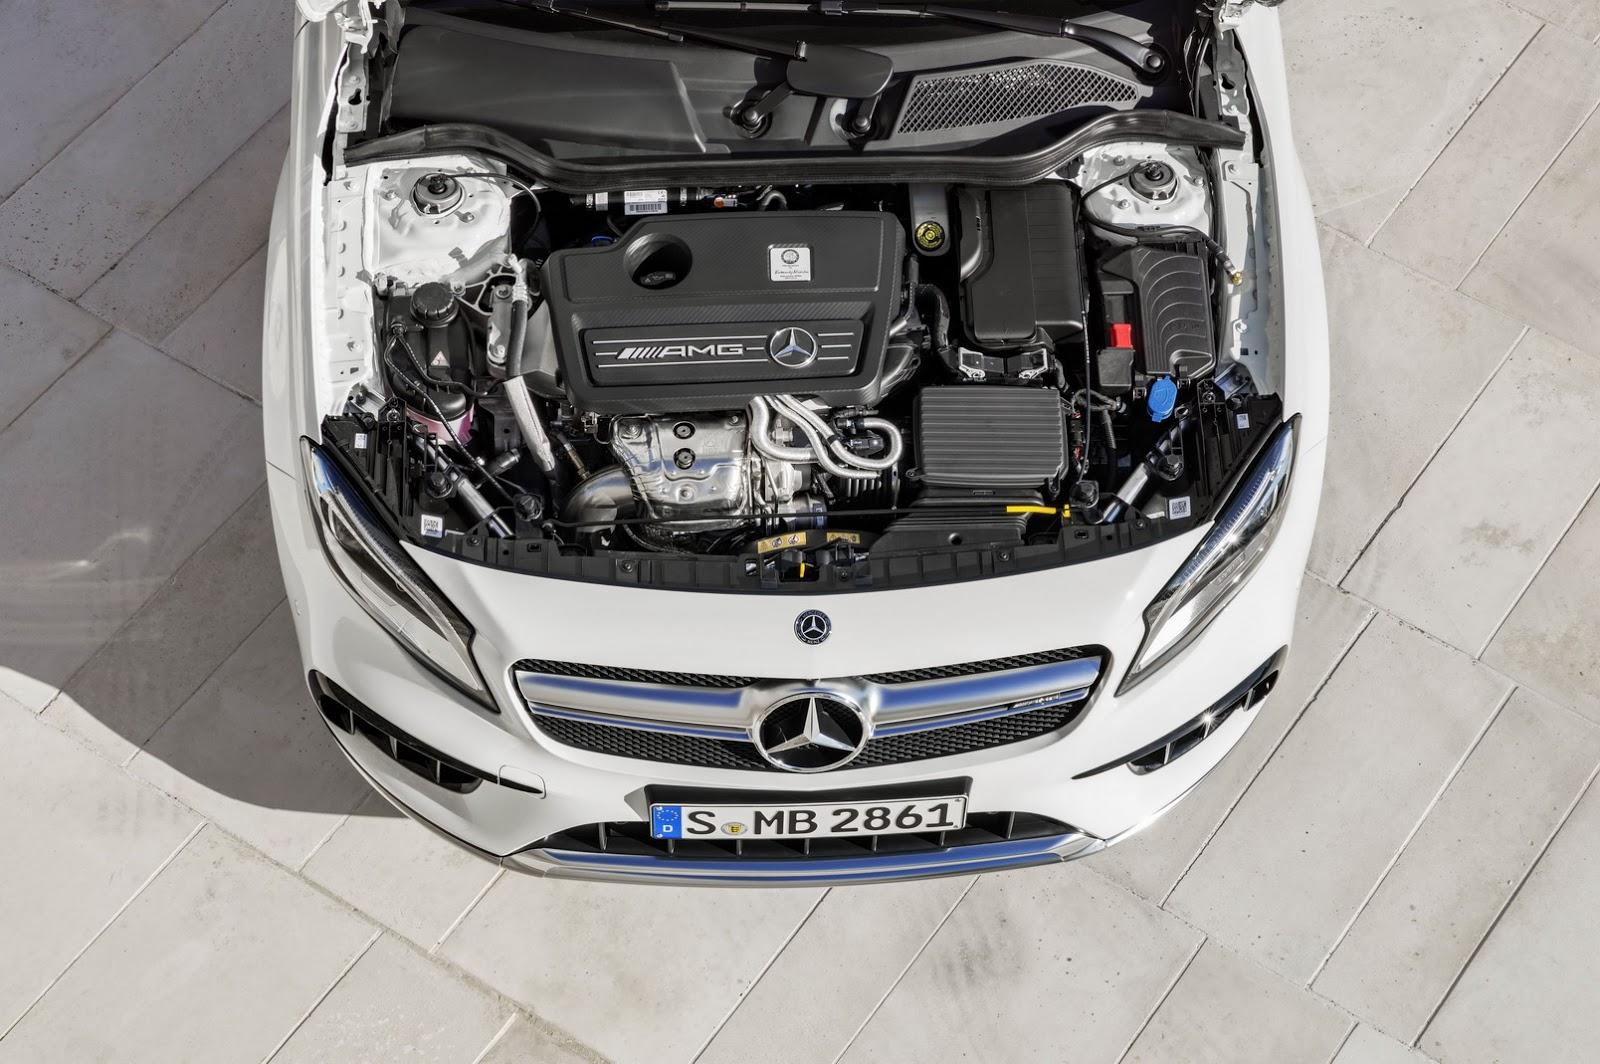 Mercedes GLA facelift and GLA 45 AMG facelift 2017 (23)